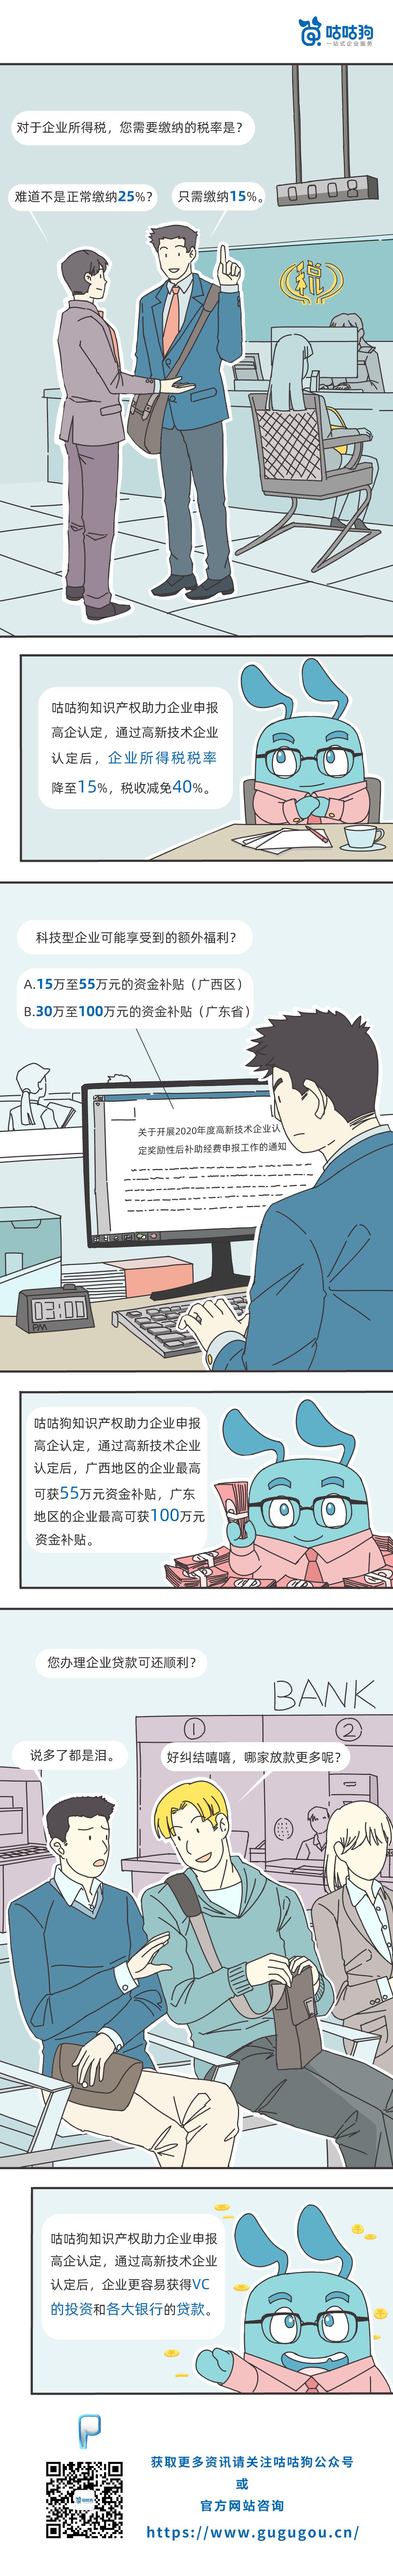 https://www.gugugou.cn/